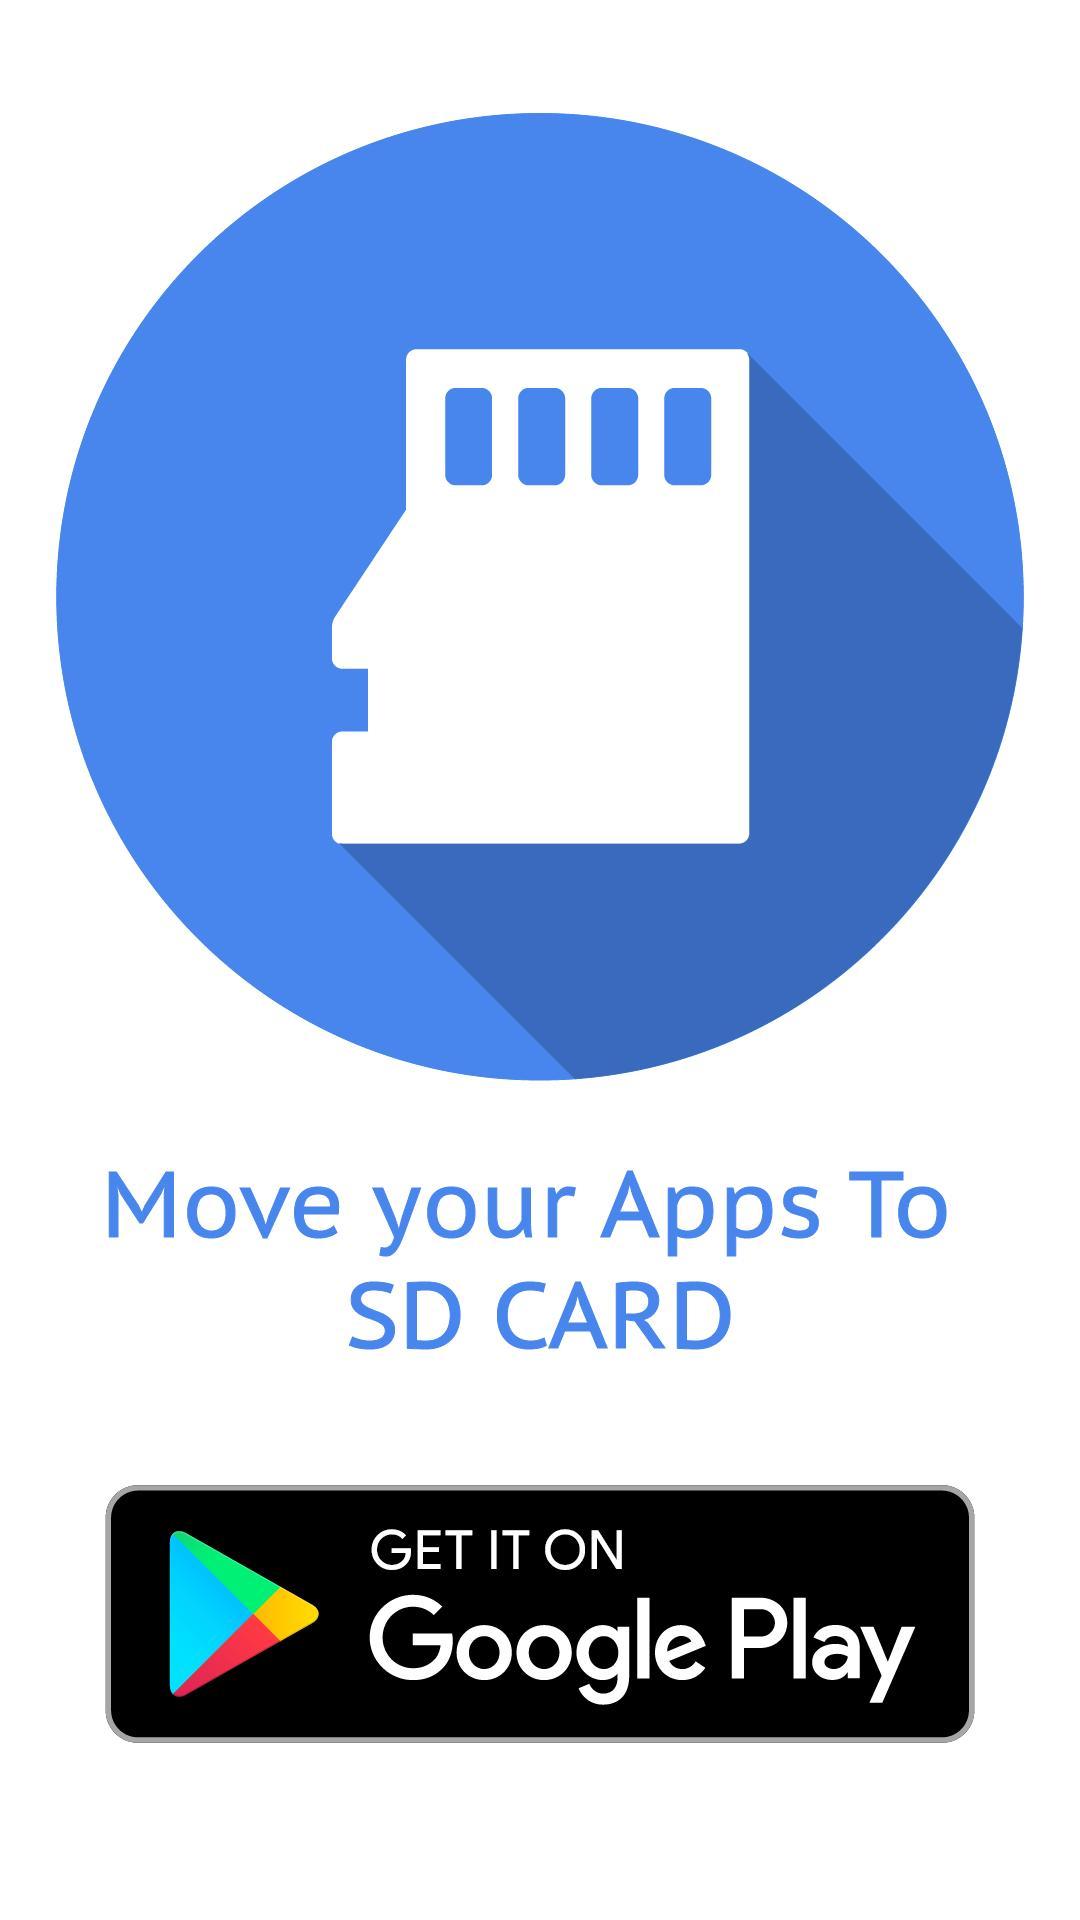 Android 6 0 Apps Auf Sd Karte Verschieben.App Auf Sd Karte Verschieben Fur Android Apk Herunterladen